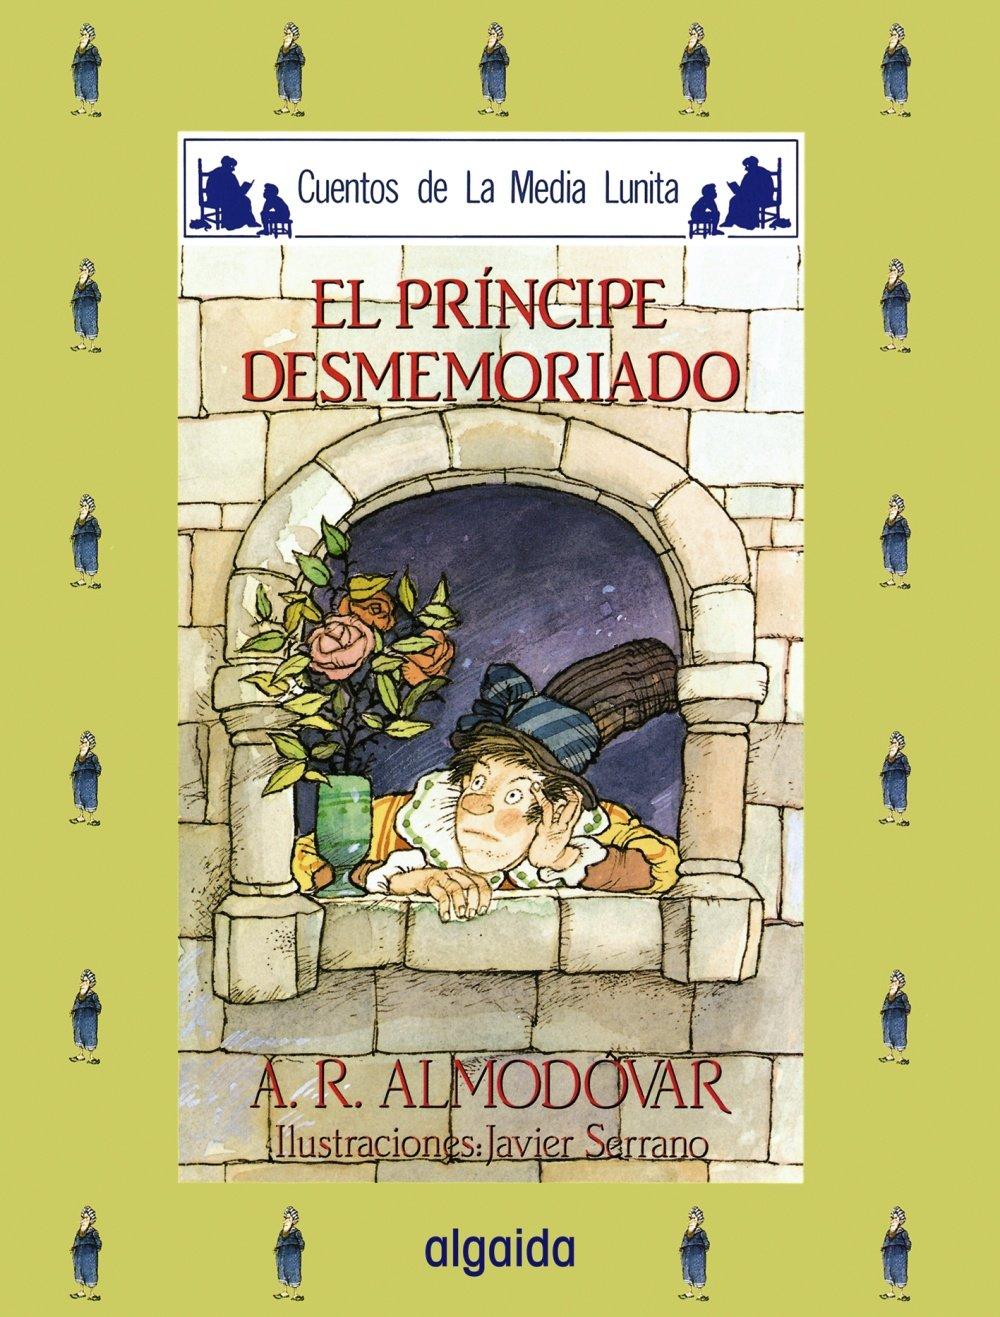 Media lunita nº 22. El príncipe desmemoriado (Infantil - Juvenil - Cuentos De La Media Lunita - Edición En Rústica)